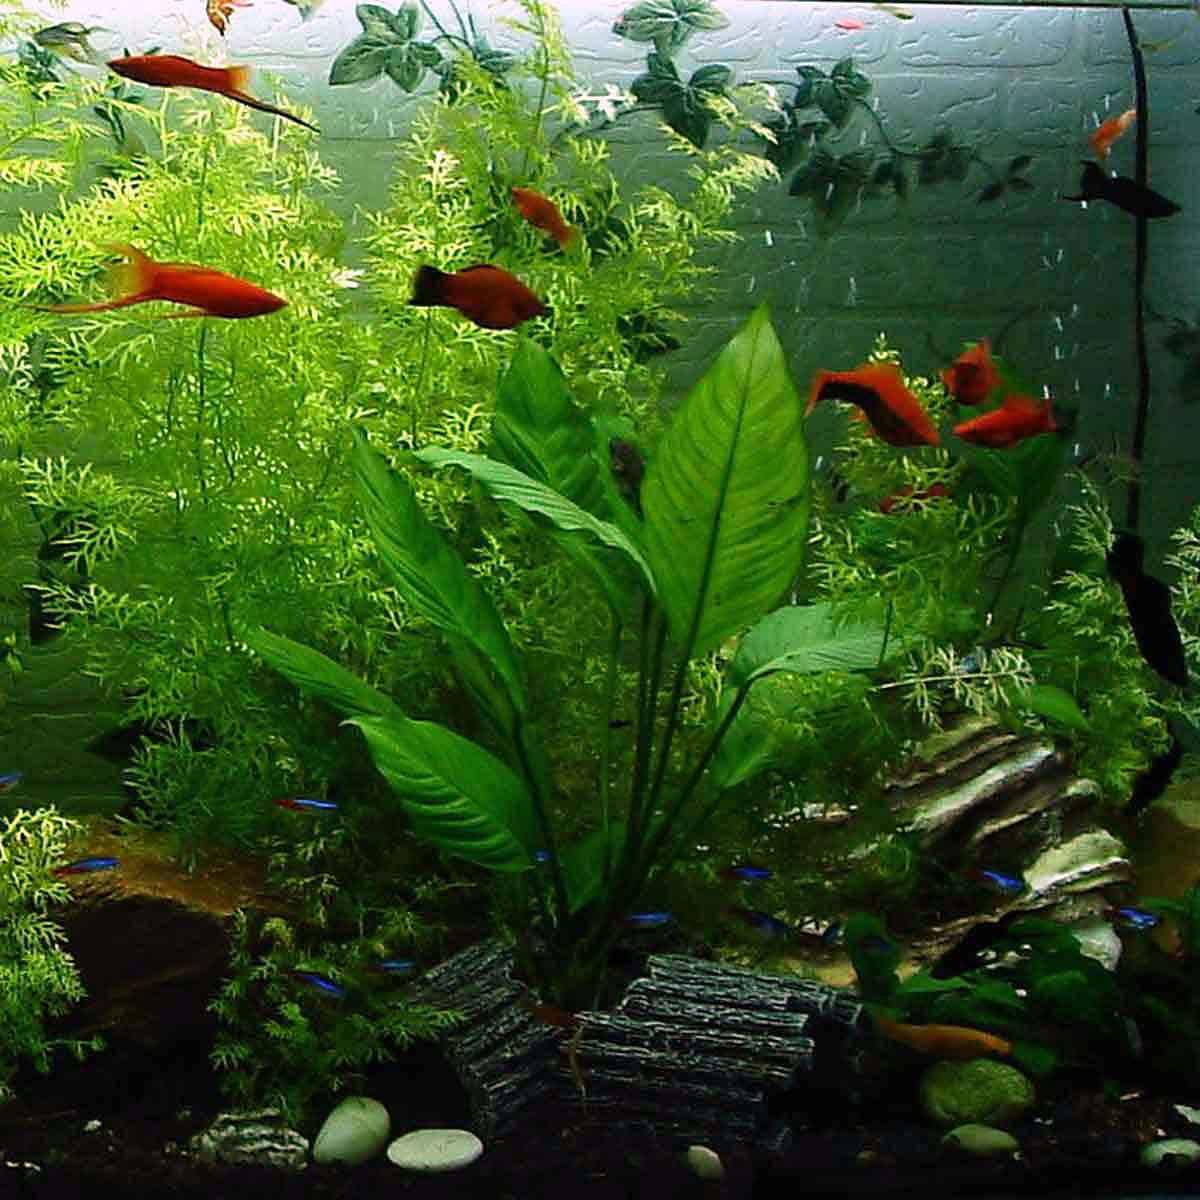 Poecilidi i pesci facili da riprodurre